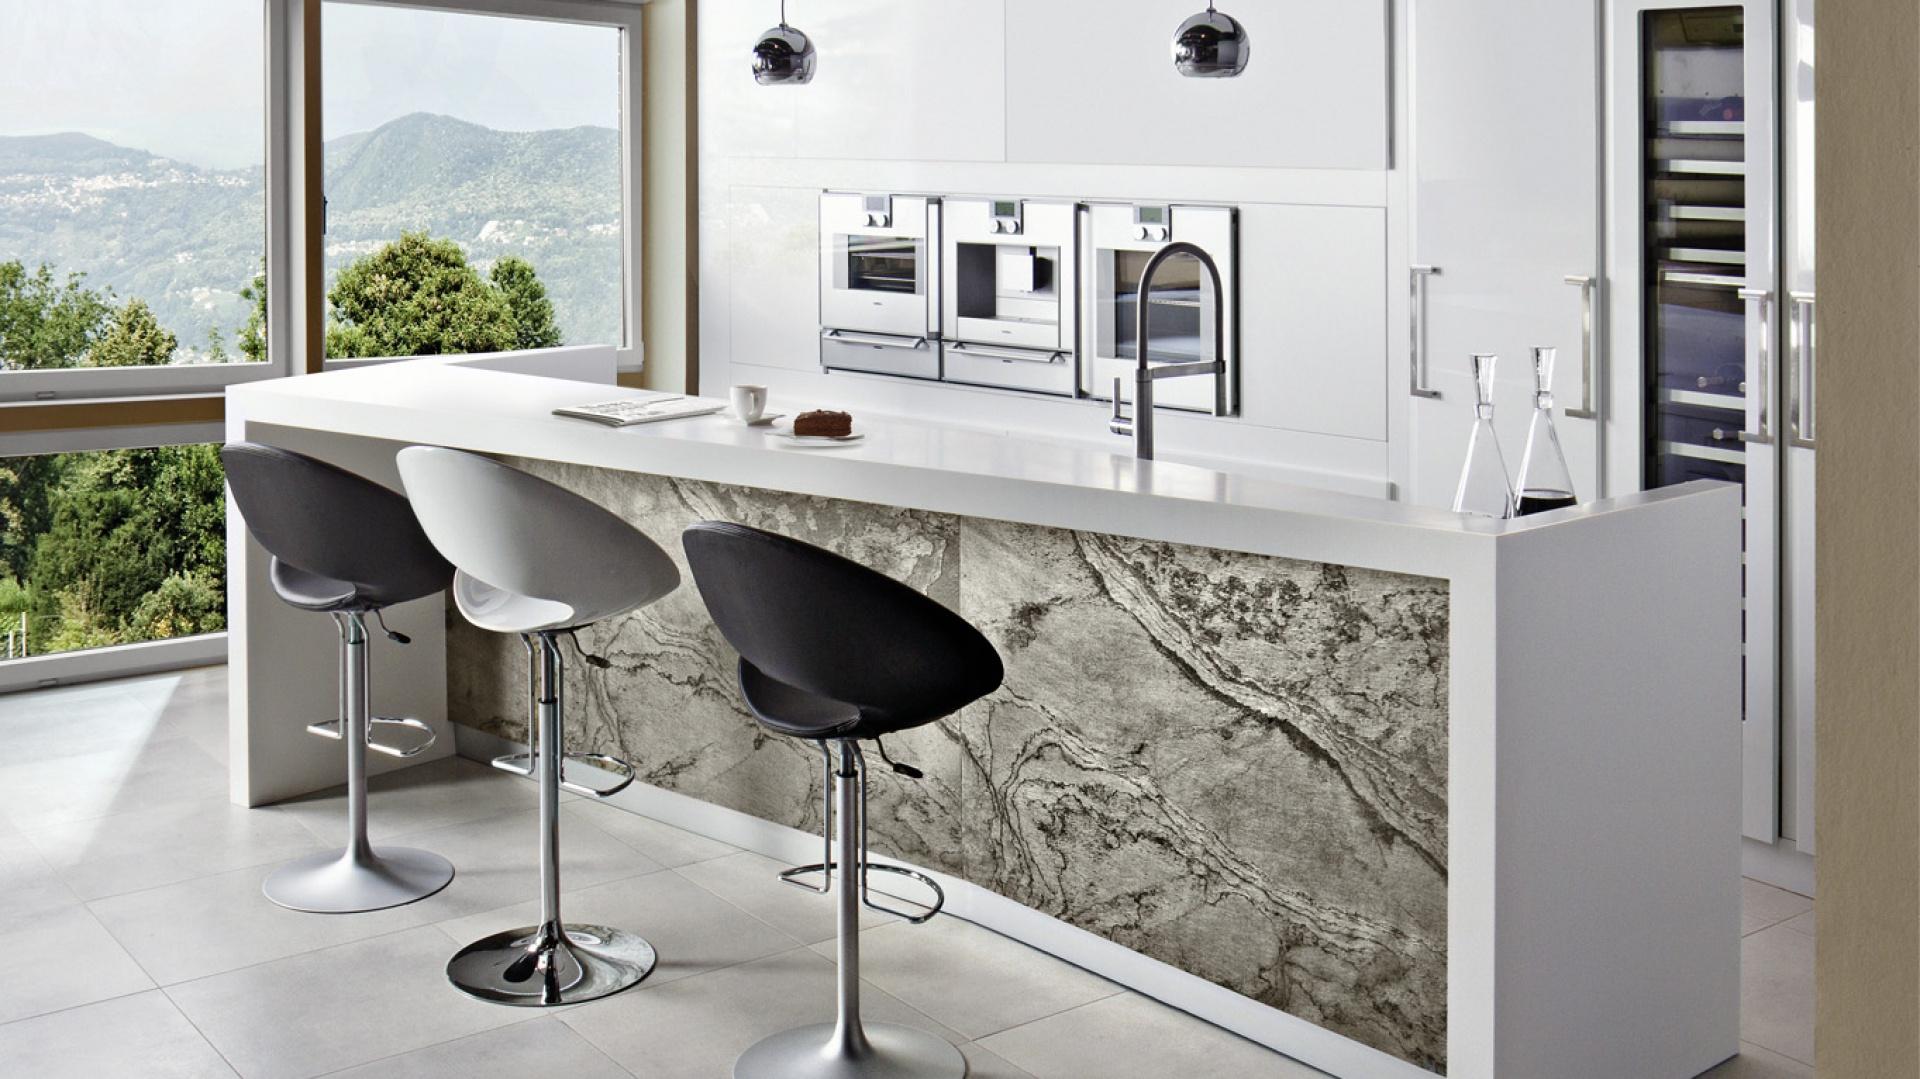 W ostatnich latach popularność zdobył fornir, czyli cieniutko sprasowana okleina naturalna. Zazwyczaj jest drewniany, ale w kuchni Liguria wyprodukowano go... ze szlachetnych łupków kamiennych. Fot. Halupczok